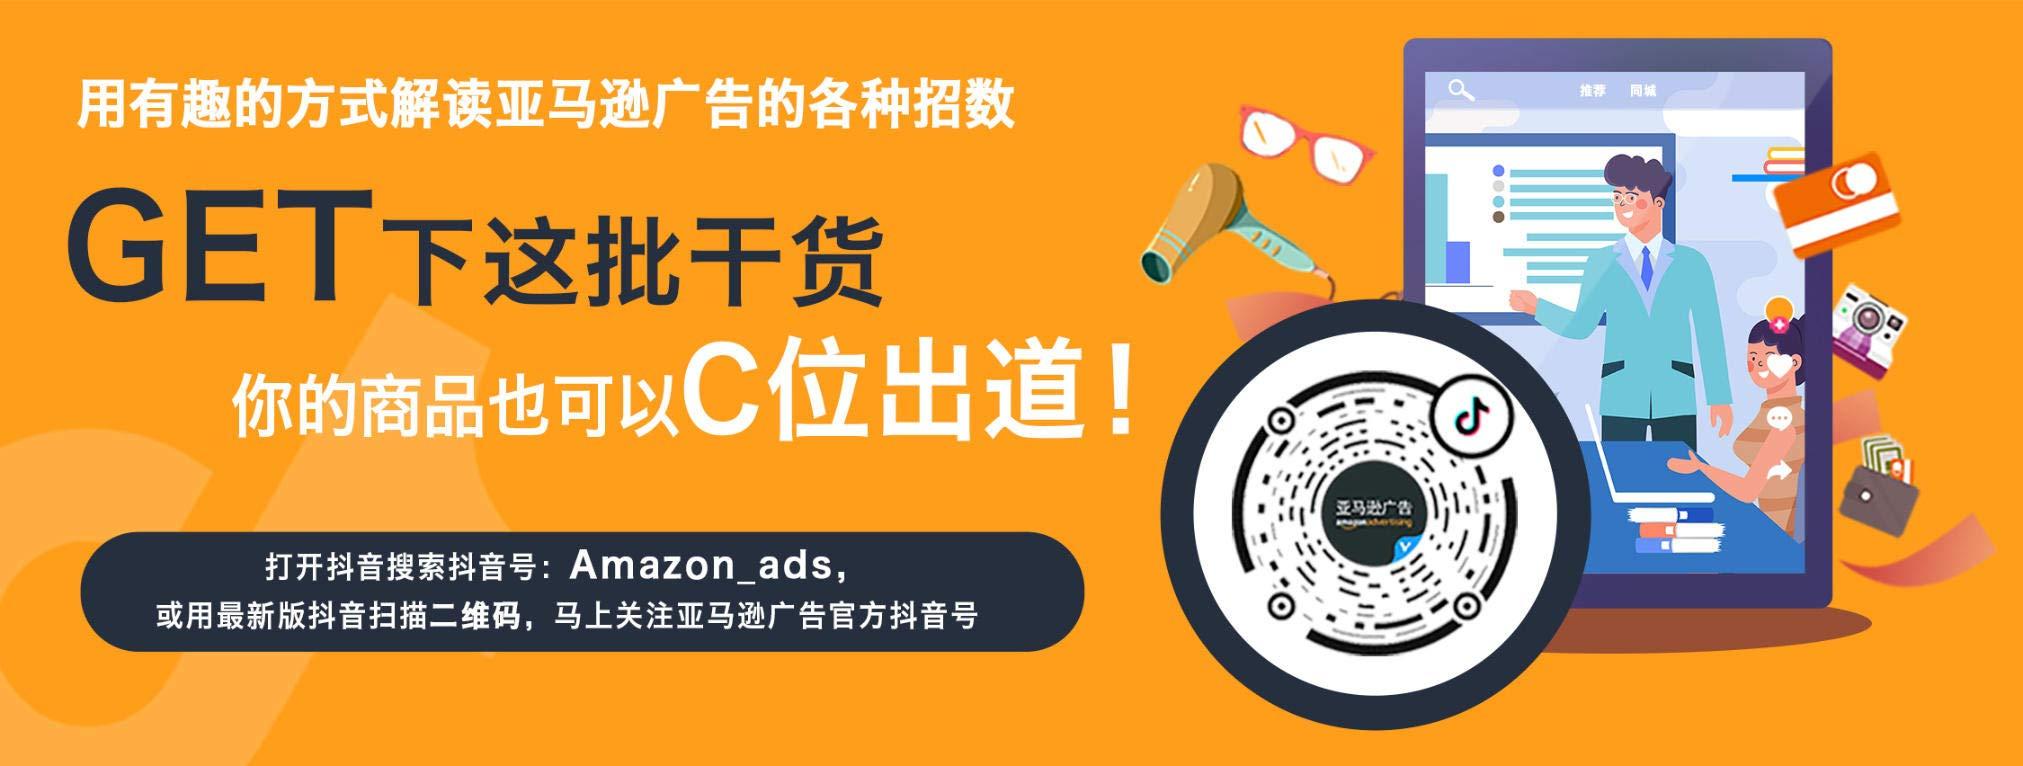 亚马逊广告官方抖音账号全新上线